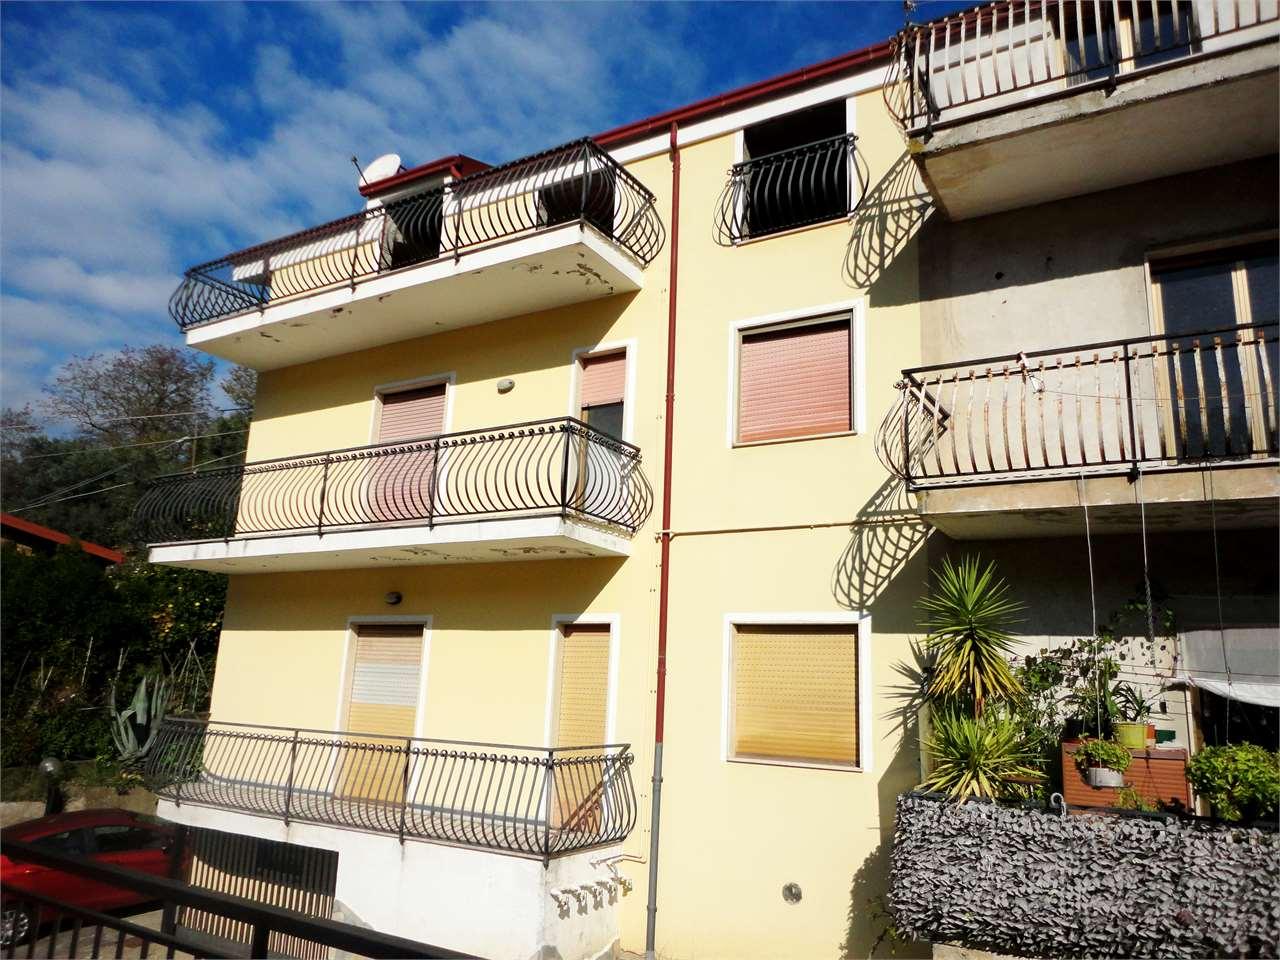 Appartamento in vendita a Zumpano, 2 locali, prezzo € 55.000 | Cambio Casa.it